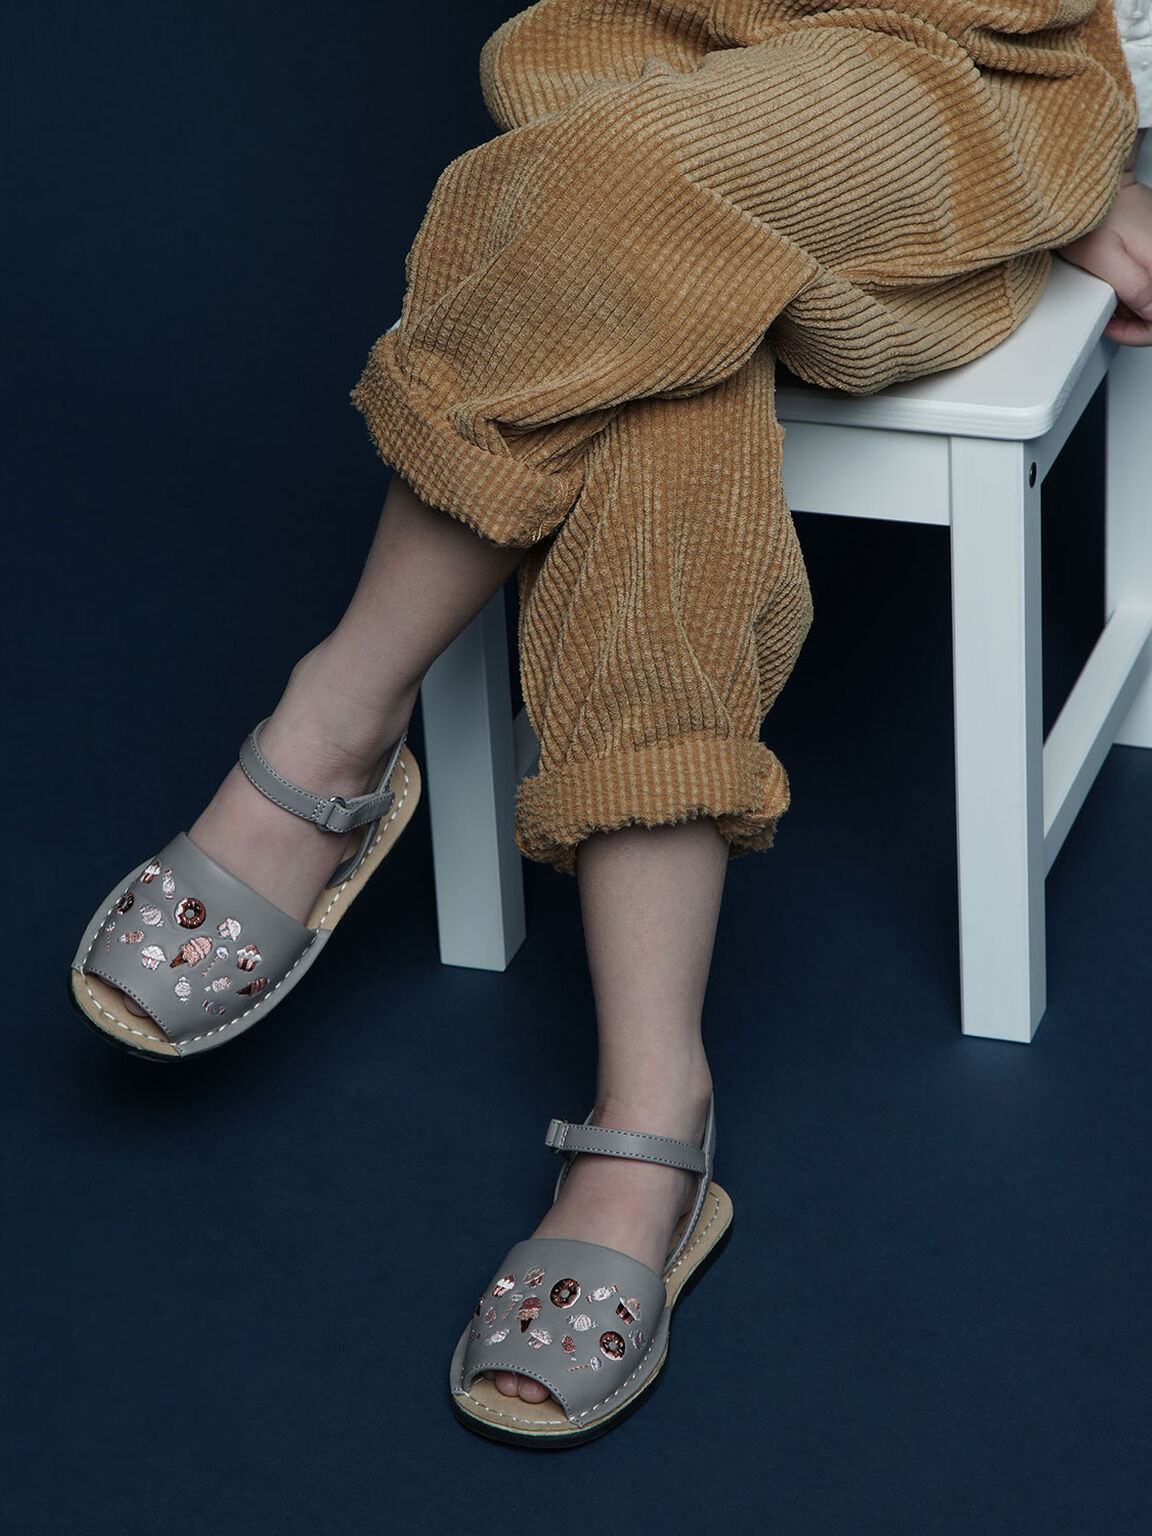 Girls' Embroidered Sandals, Light Blue, hi-res